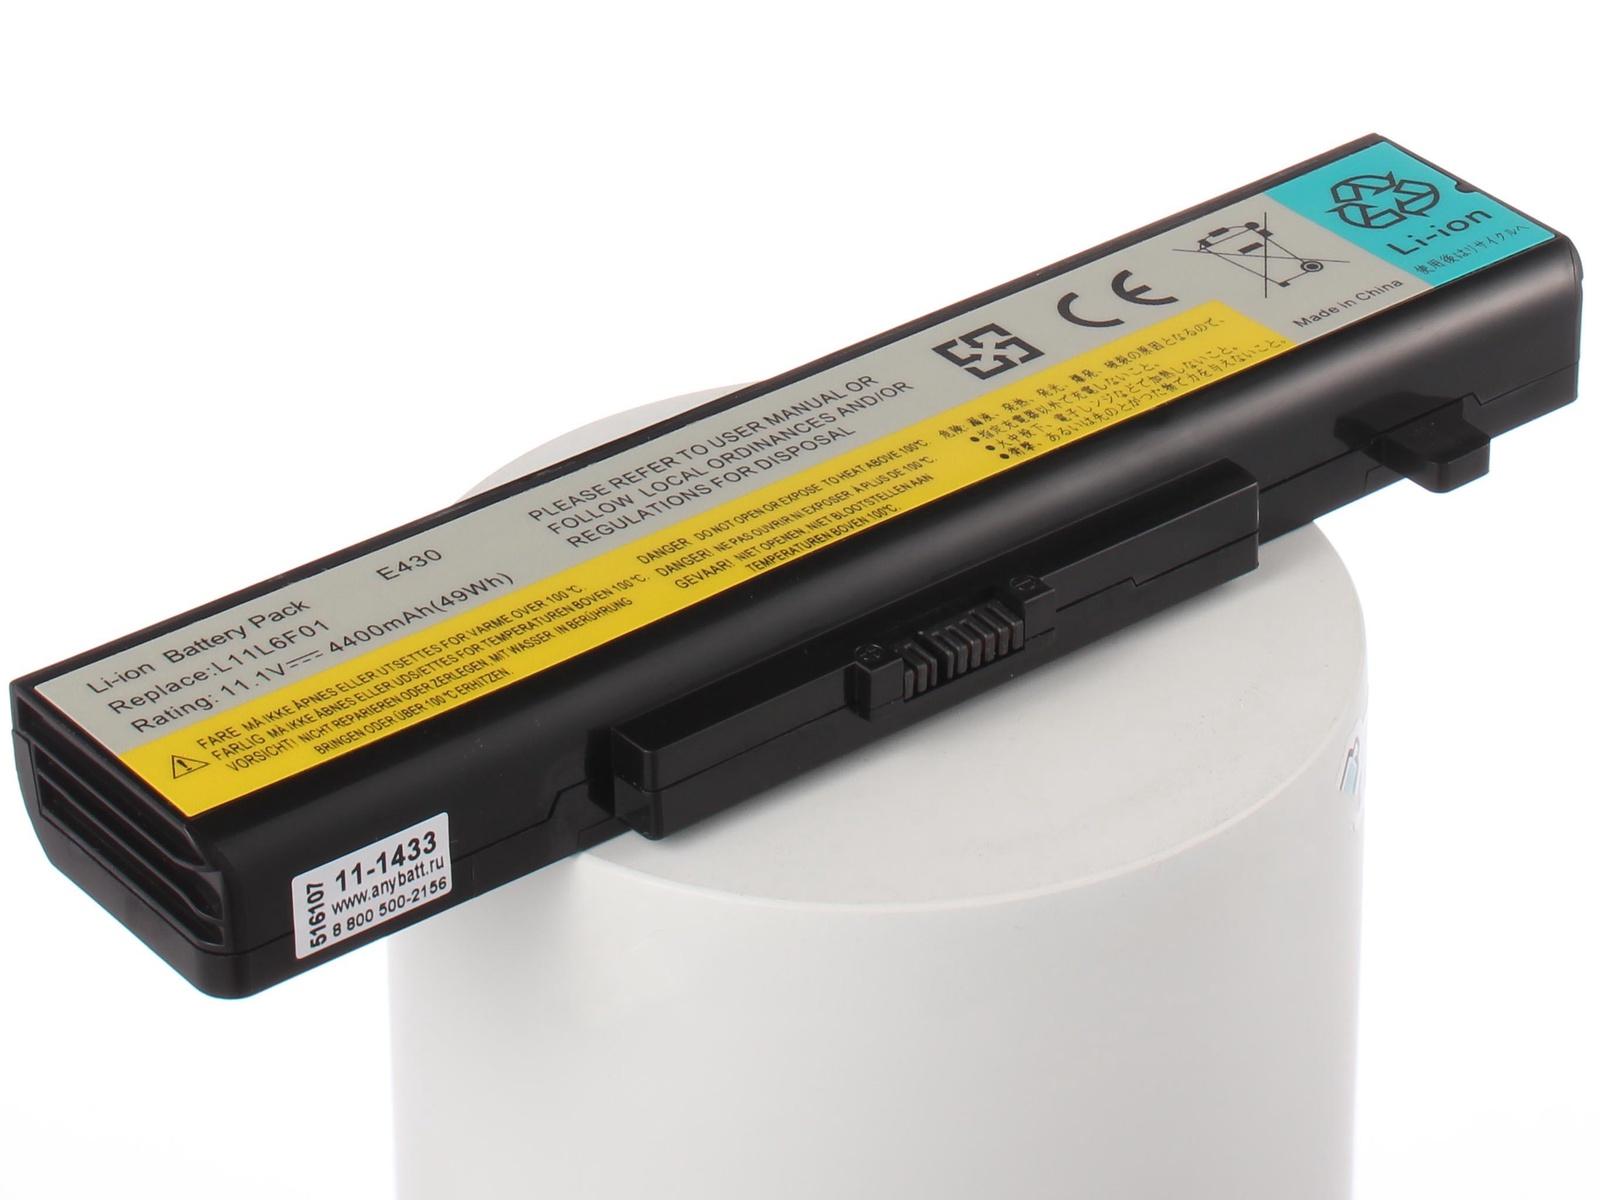 Аккумулятор для ноутбука AnyBatt для iBM-Lenovo G500, G580, G580, G700, G710, G500s, G585, G480, G480, IdeaPad Z580, B5400, IdeaPad Z585, IdeaPad P585, IdeaPad Y580, IdeaPad G580, IdeaPad G505, IdeaPad G500, IdeaPad G5030 клавиатура rocknparts для lenovo ideapad g580 g585 z580 z580a z585 z780 black 324848